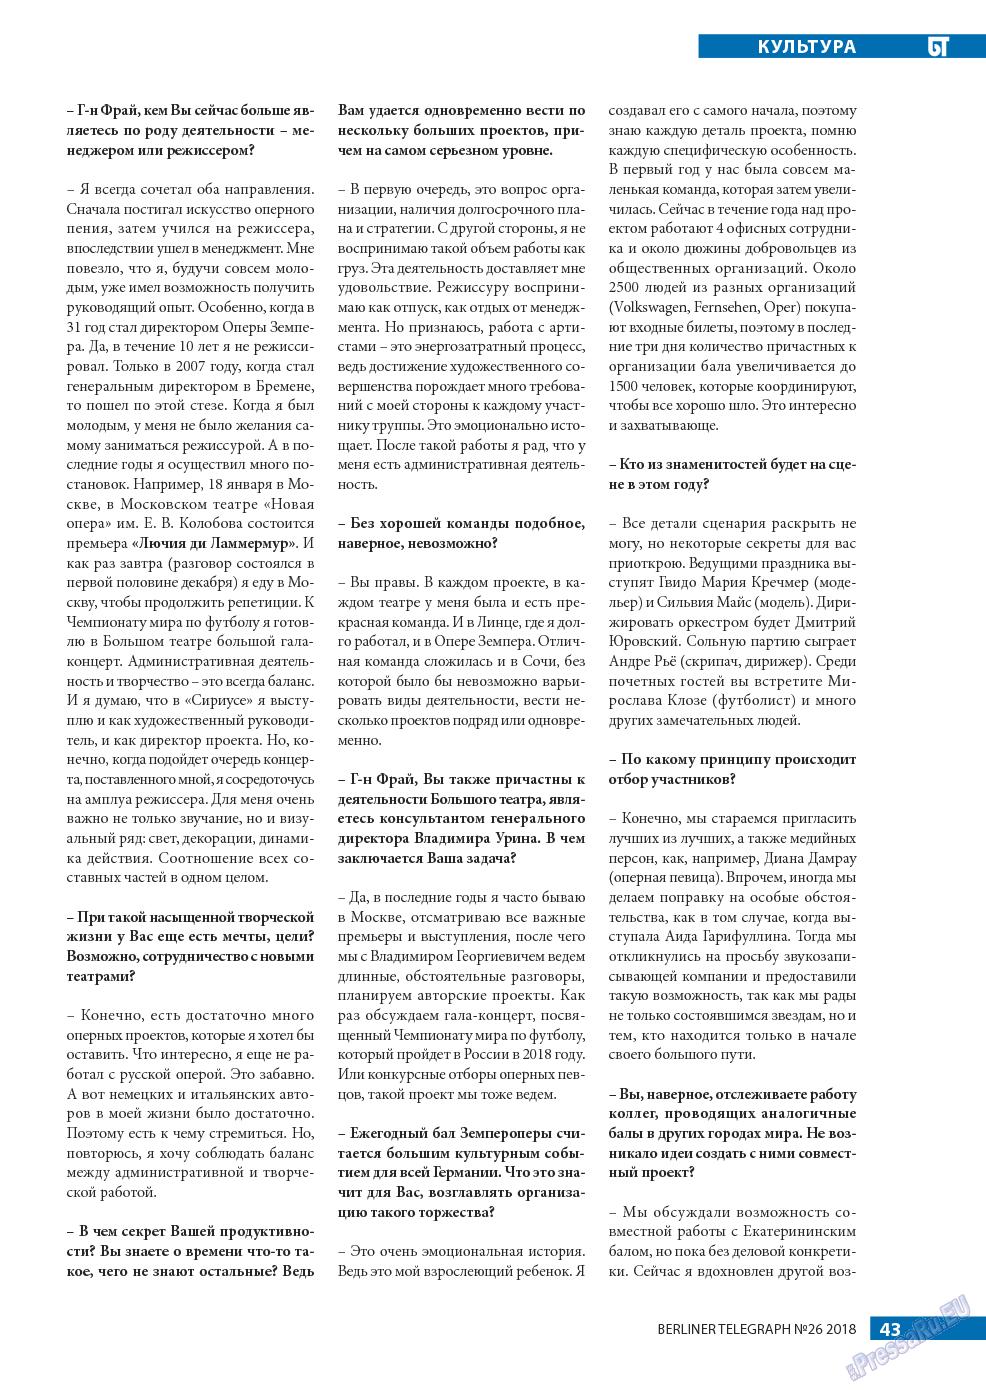 Берлинский телеграф (журнал). 2018 год, номер 26, стр. 43